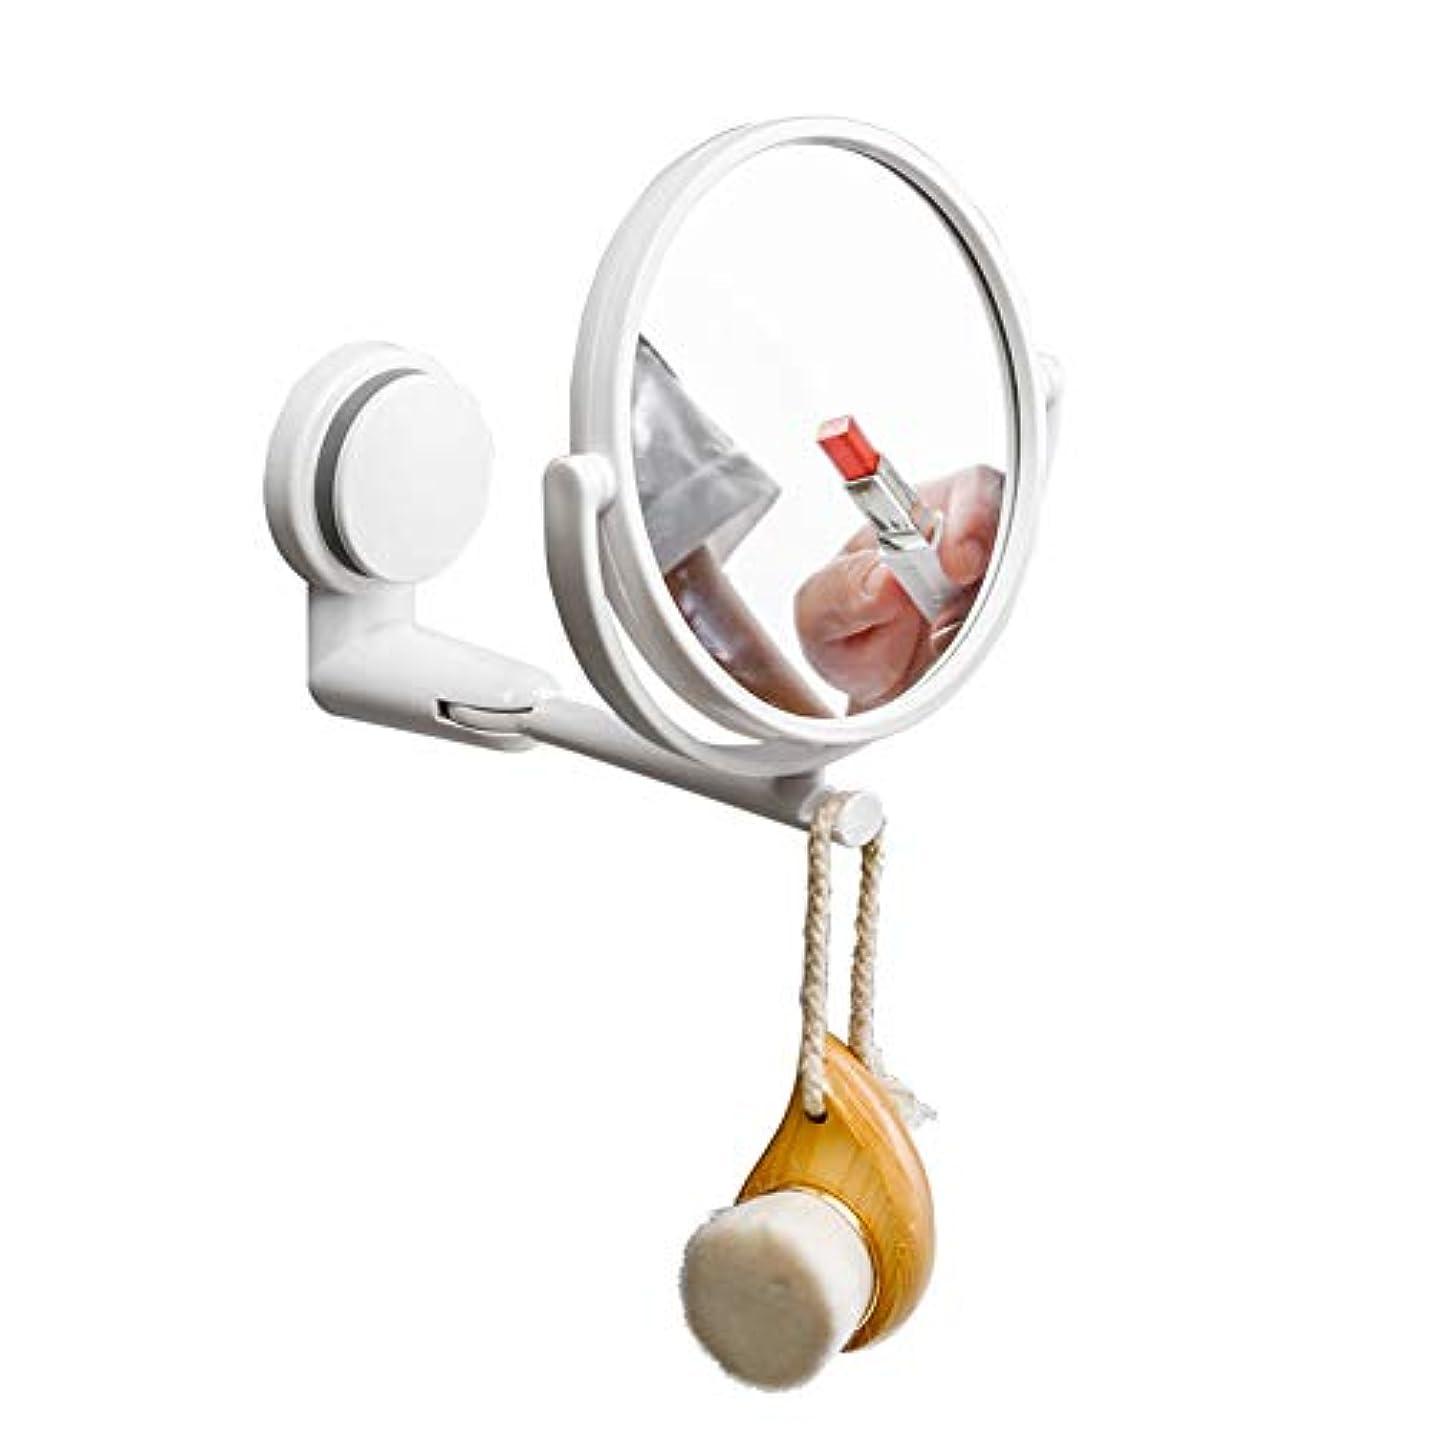 喉が渇いた石の楽観的CatChi 壁付けミラー 両面化粧鏡 3倍拡大鏡 折りたたみ 360度回転 女優ミラー 吸盤式 お風呂 洗面所 アームミラー 取り付け簡単